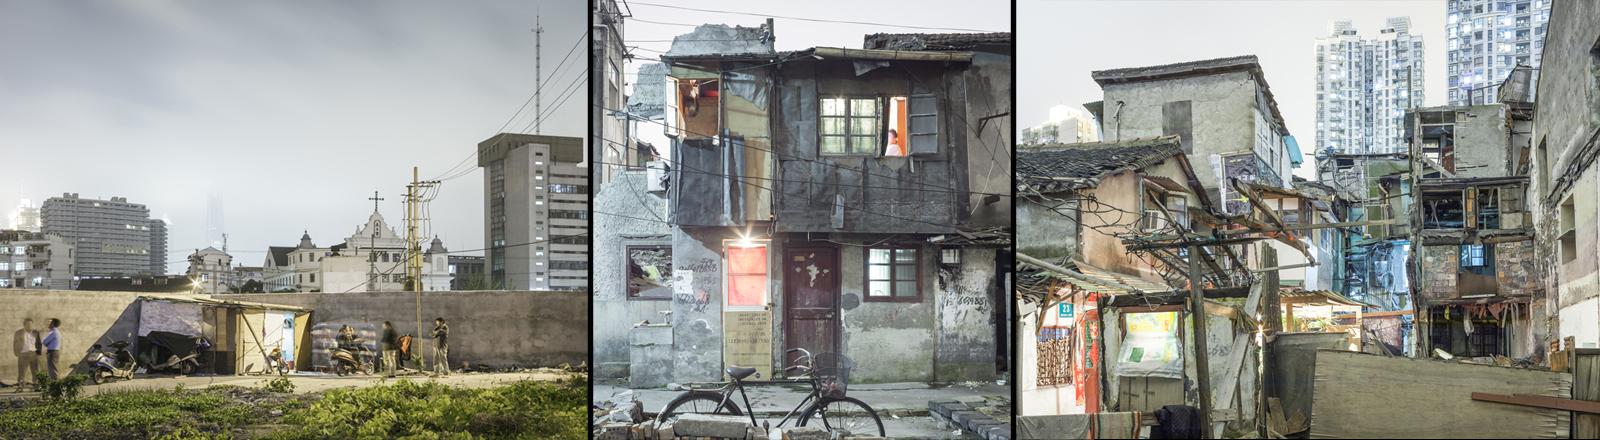 Ein abrissreifes Haus mit Teils fehlenden Wänden, abgedeckt mit Planen und Gardinen, beleuchtet und mit Pflanzen geschmückt.